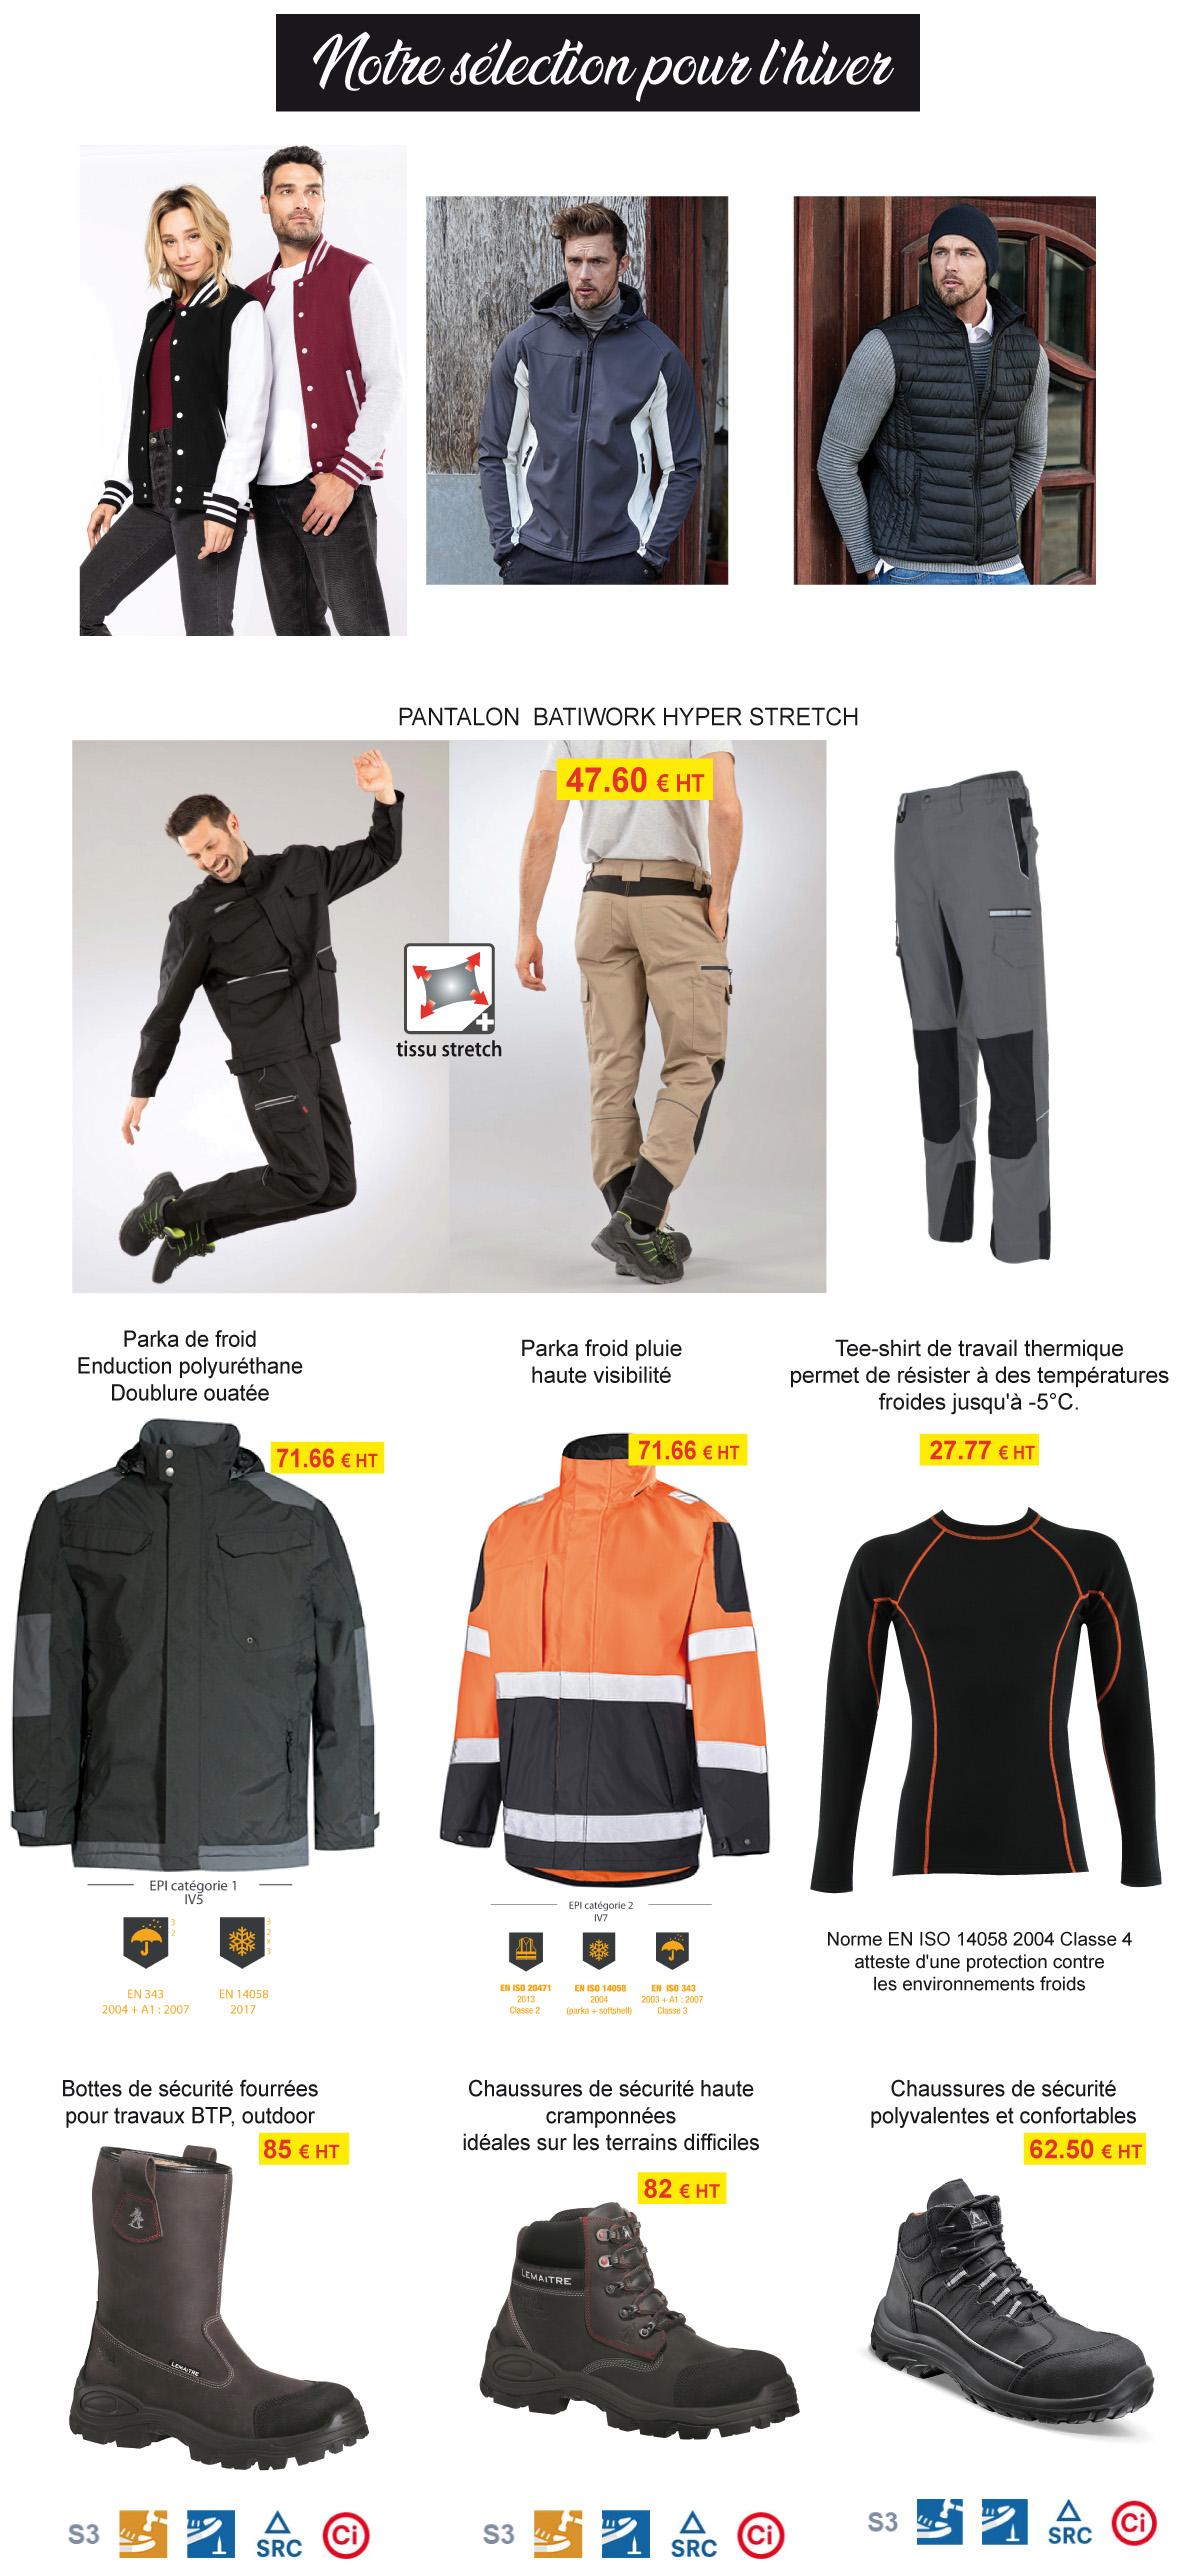 vestes pour l'hiver - pluie froid